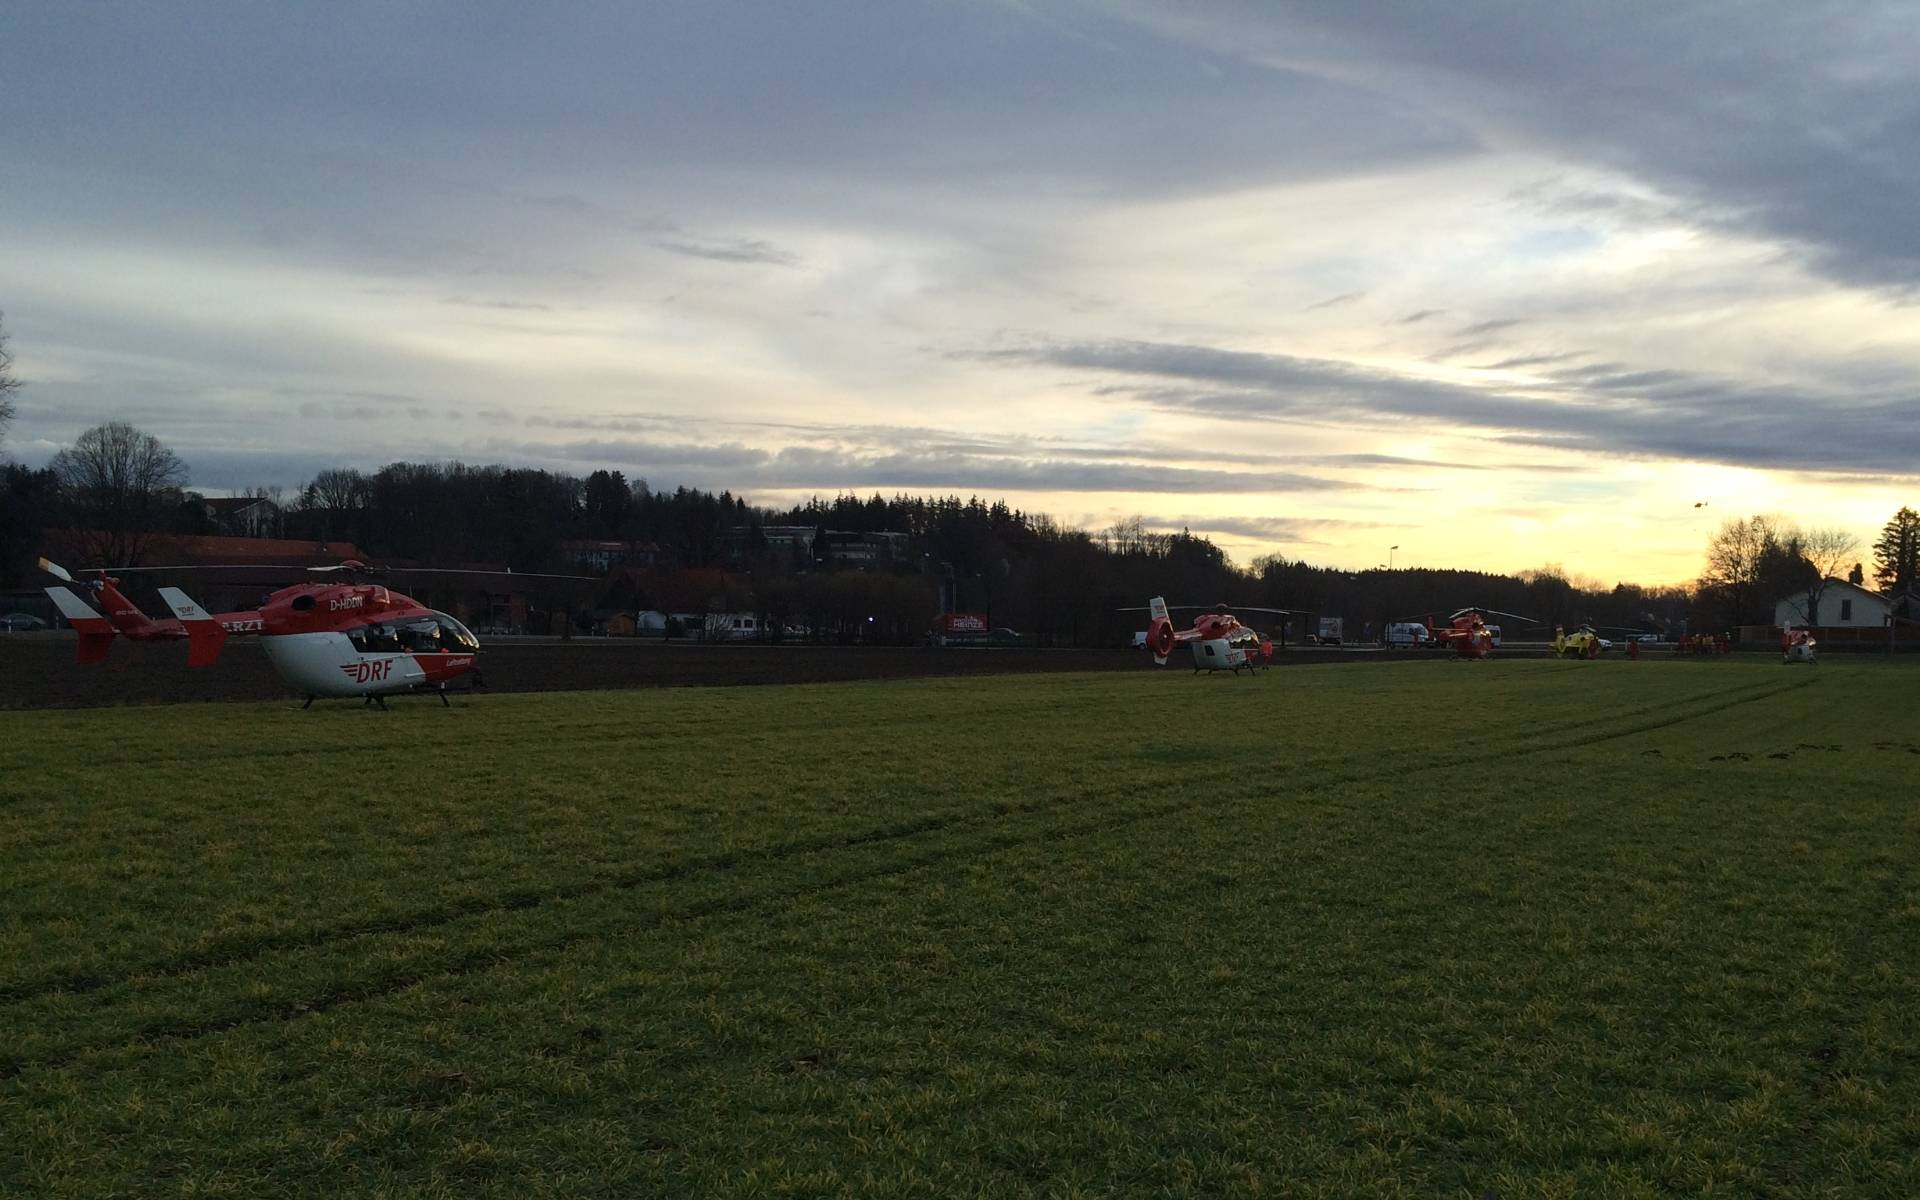 Das Unglück geschah am frühen Morgen, zehn Menschen starben, rund 80 Verletzte mussten medizinisch versorgt werden.